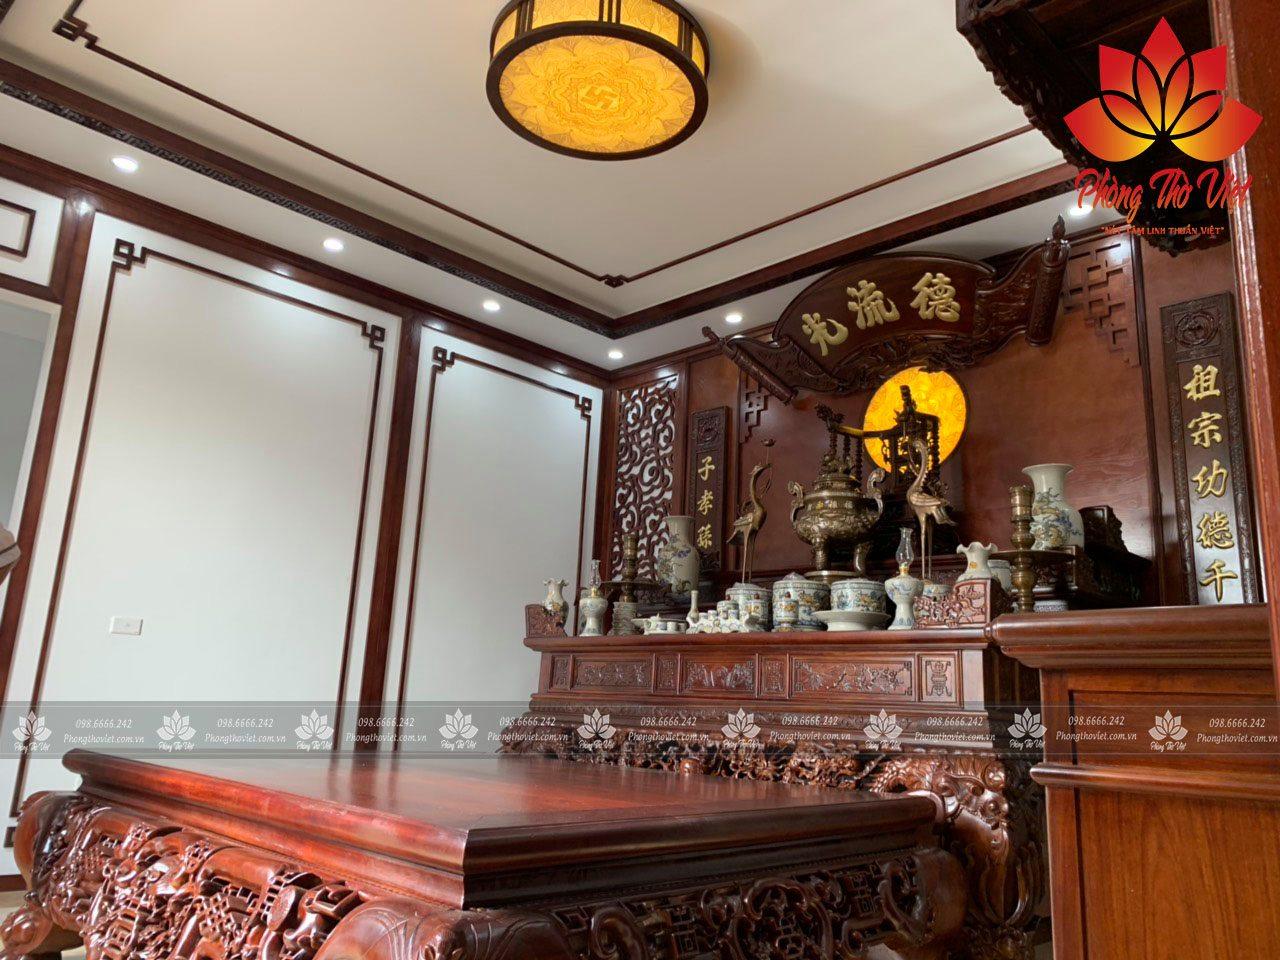 Sập thờ gỗ hương nét đẹp truyền thống ngàn đời